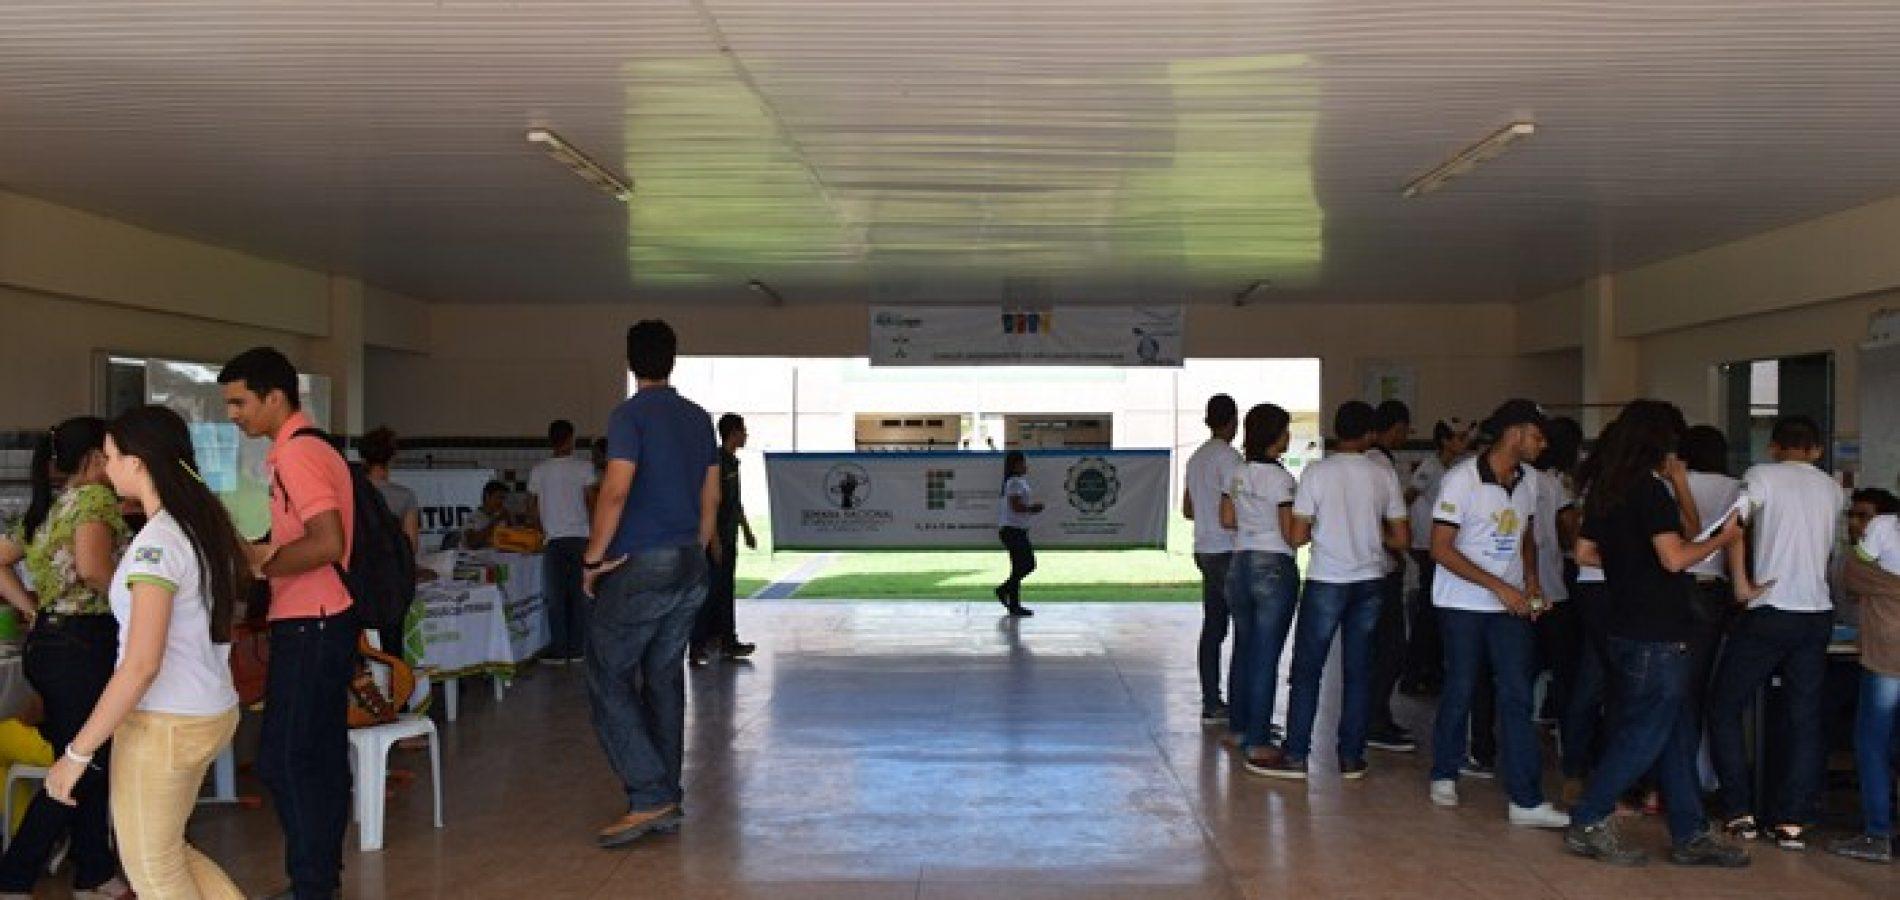 Atentado Em Escola Facebook: Aluno Ameaça Praticar 'atentado' Em Escola Do Piauí